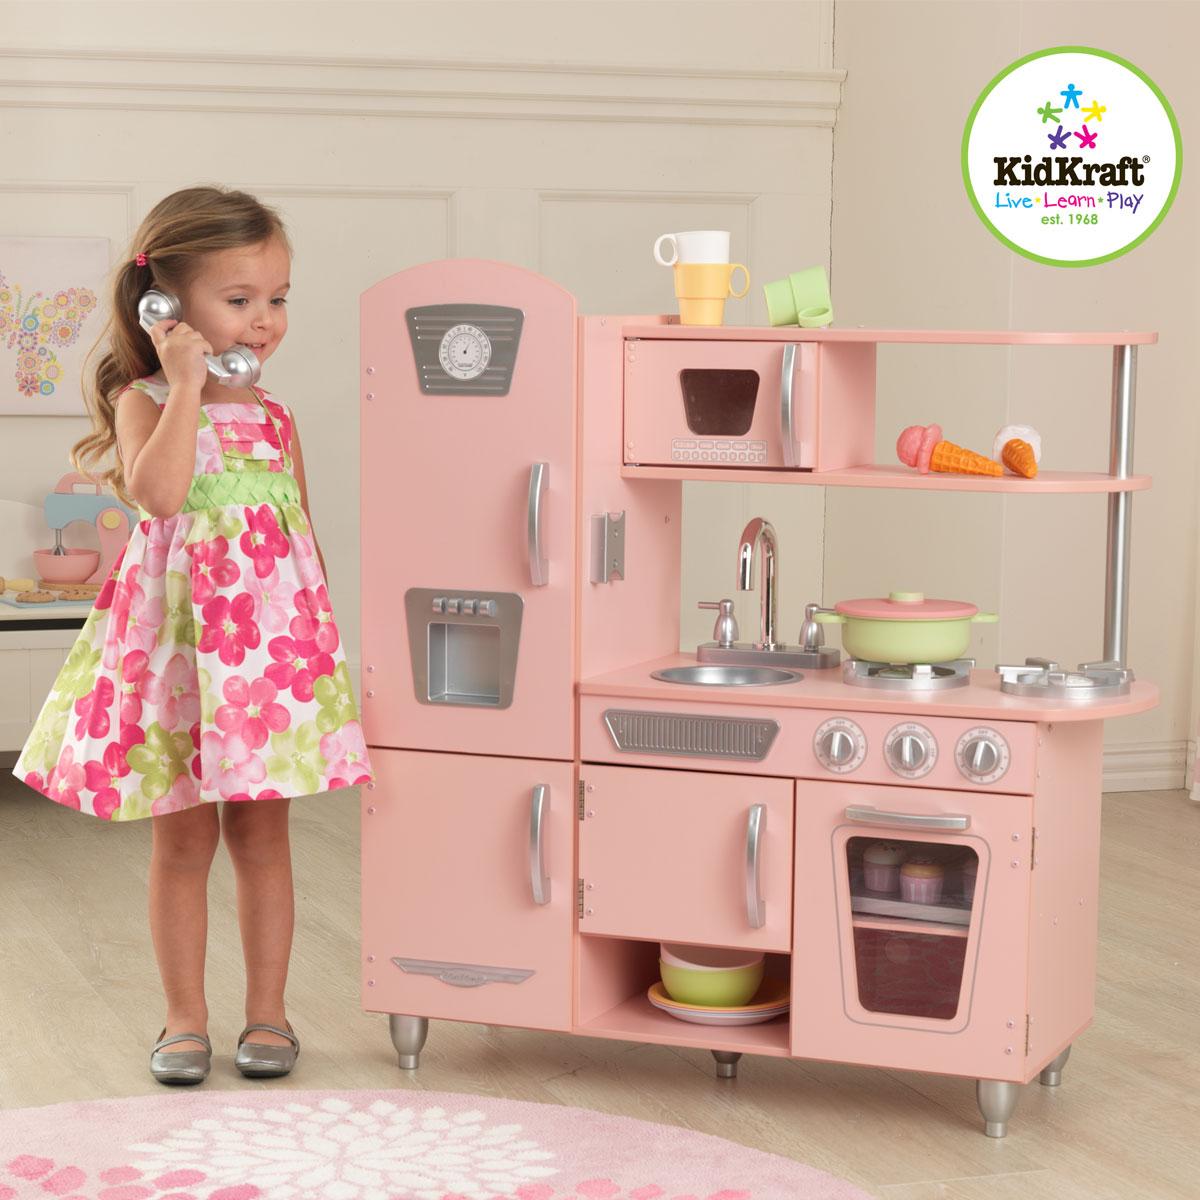 Rosa Retro-Küche aus Holz von KidKraft 53179